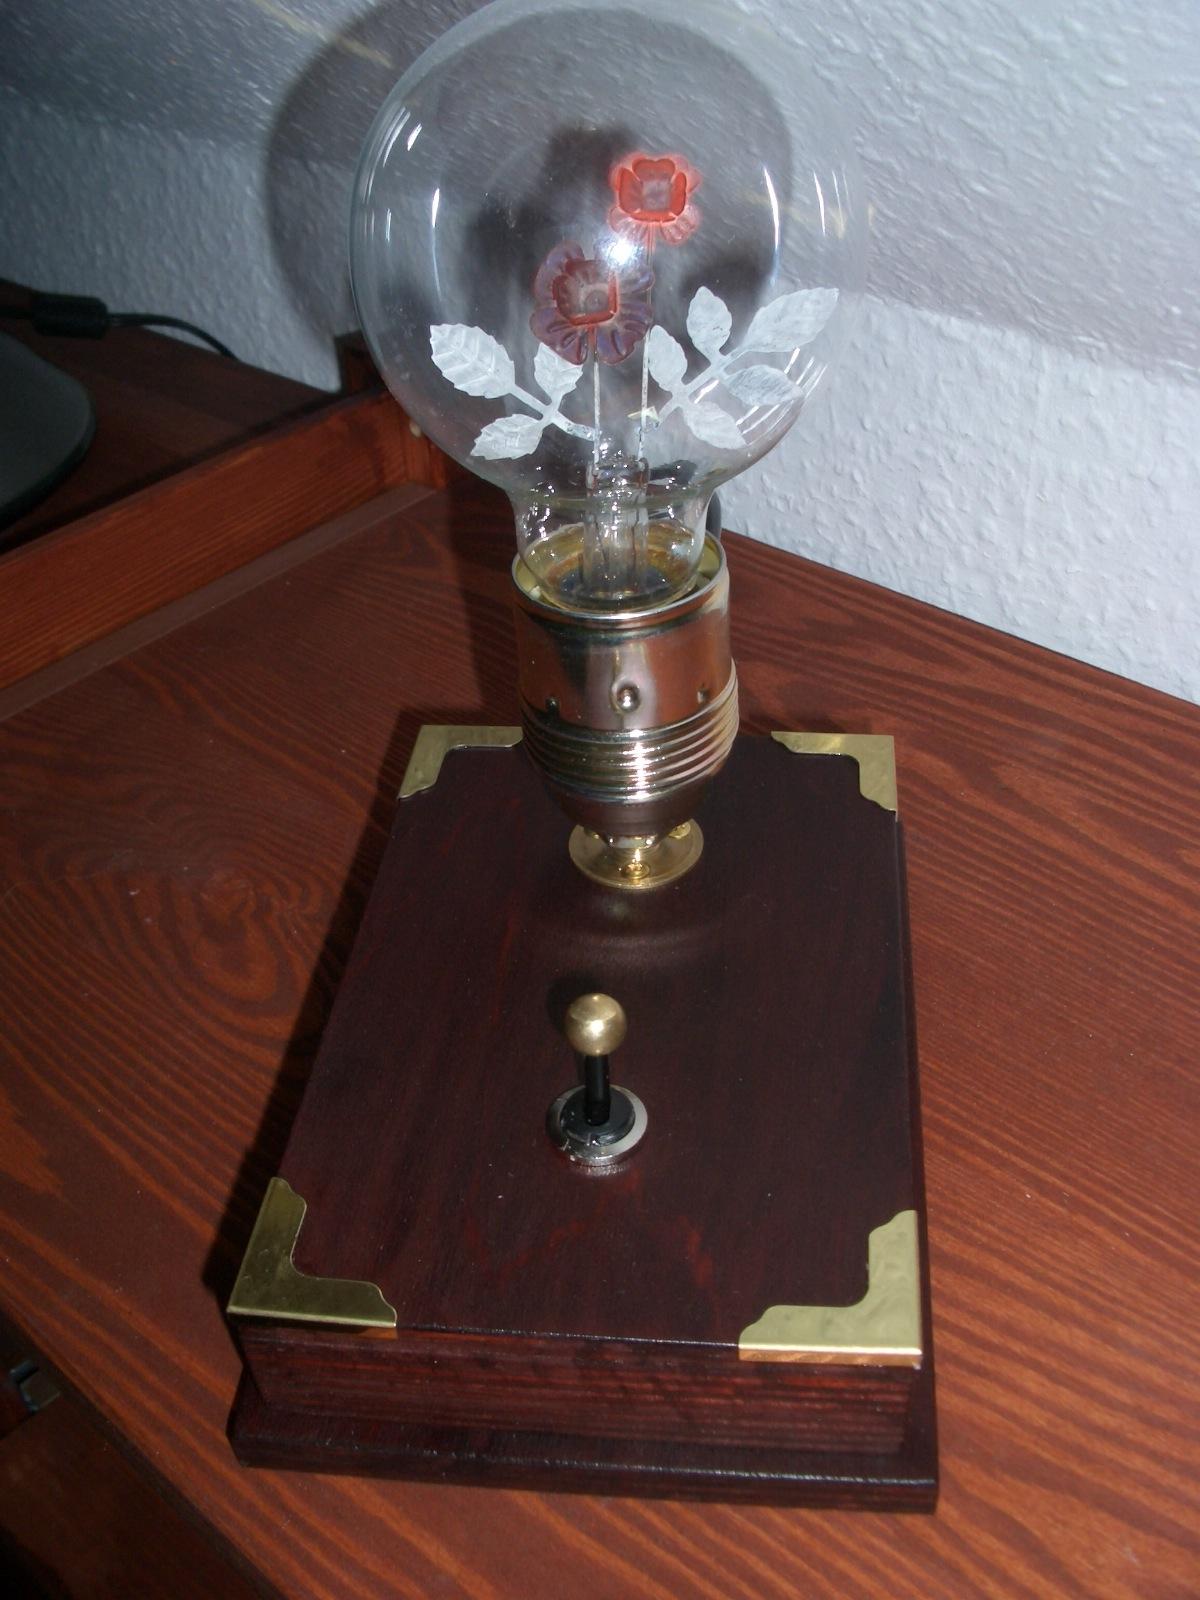 The flower lamp